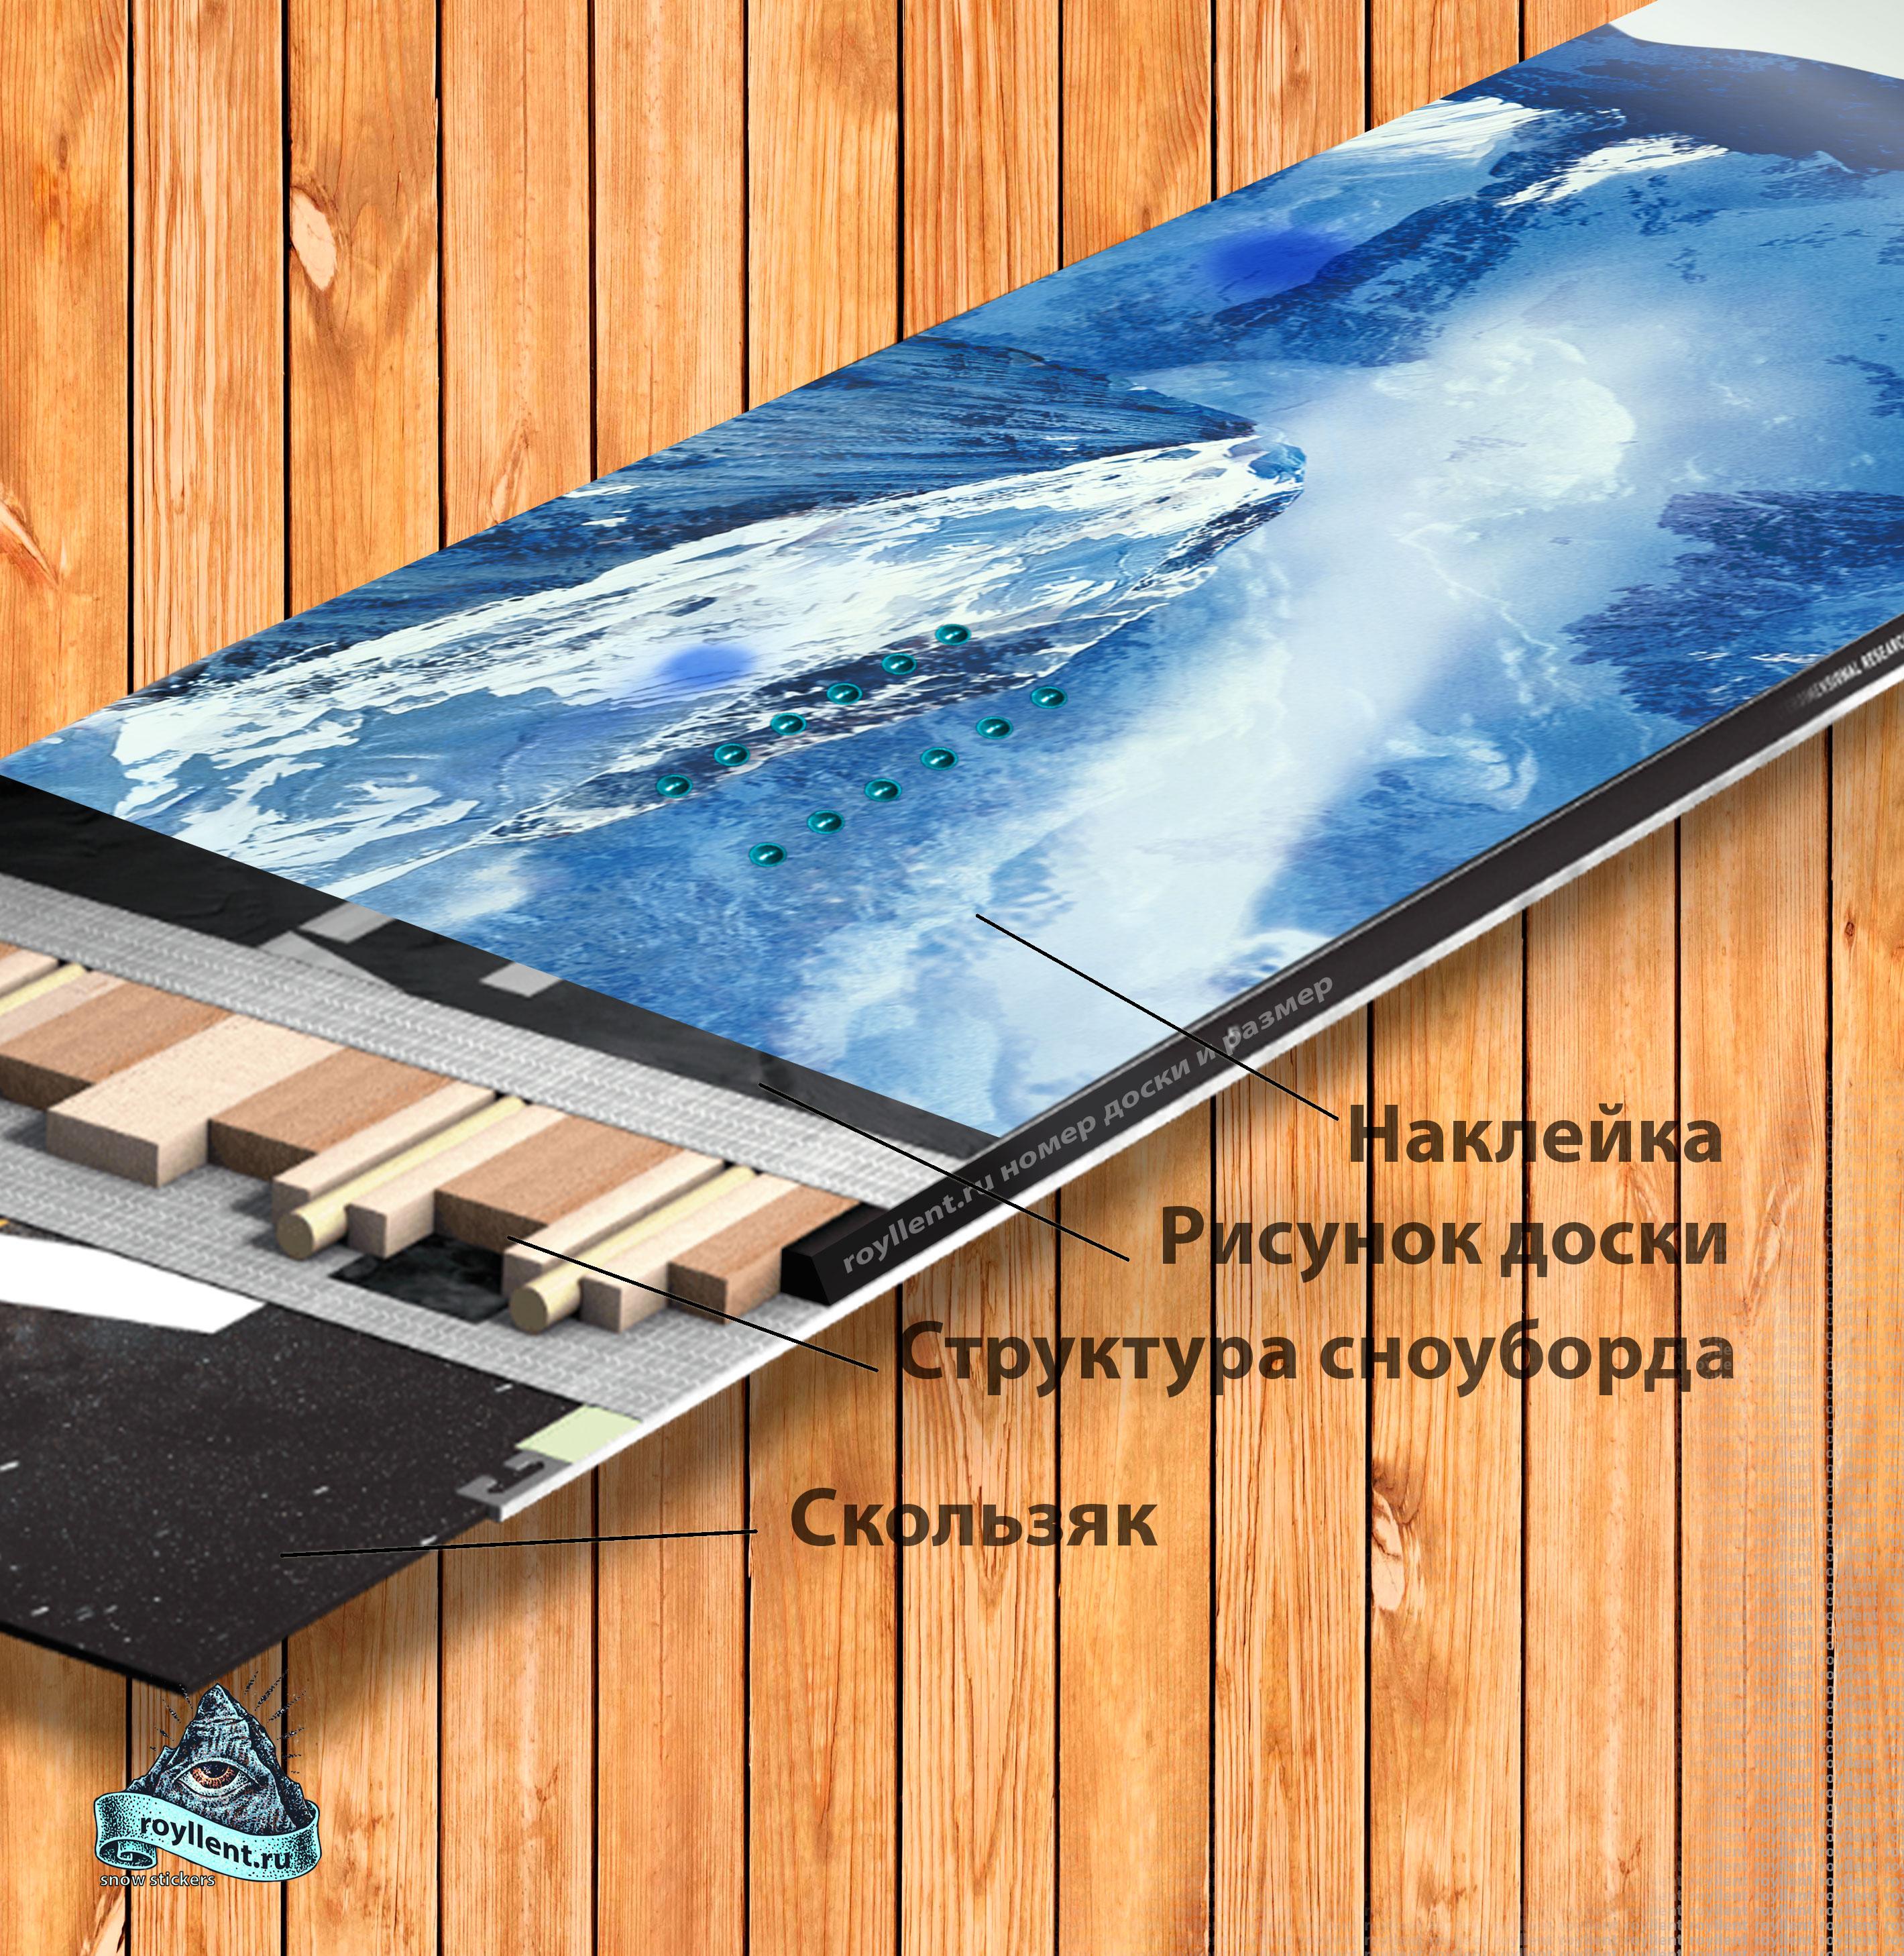 GoBROtravel - Surf Camp Art купить наклеку на сноуборд